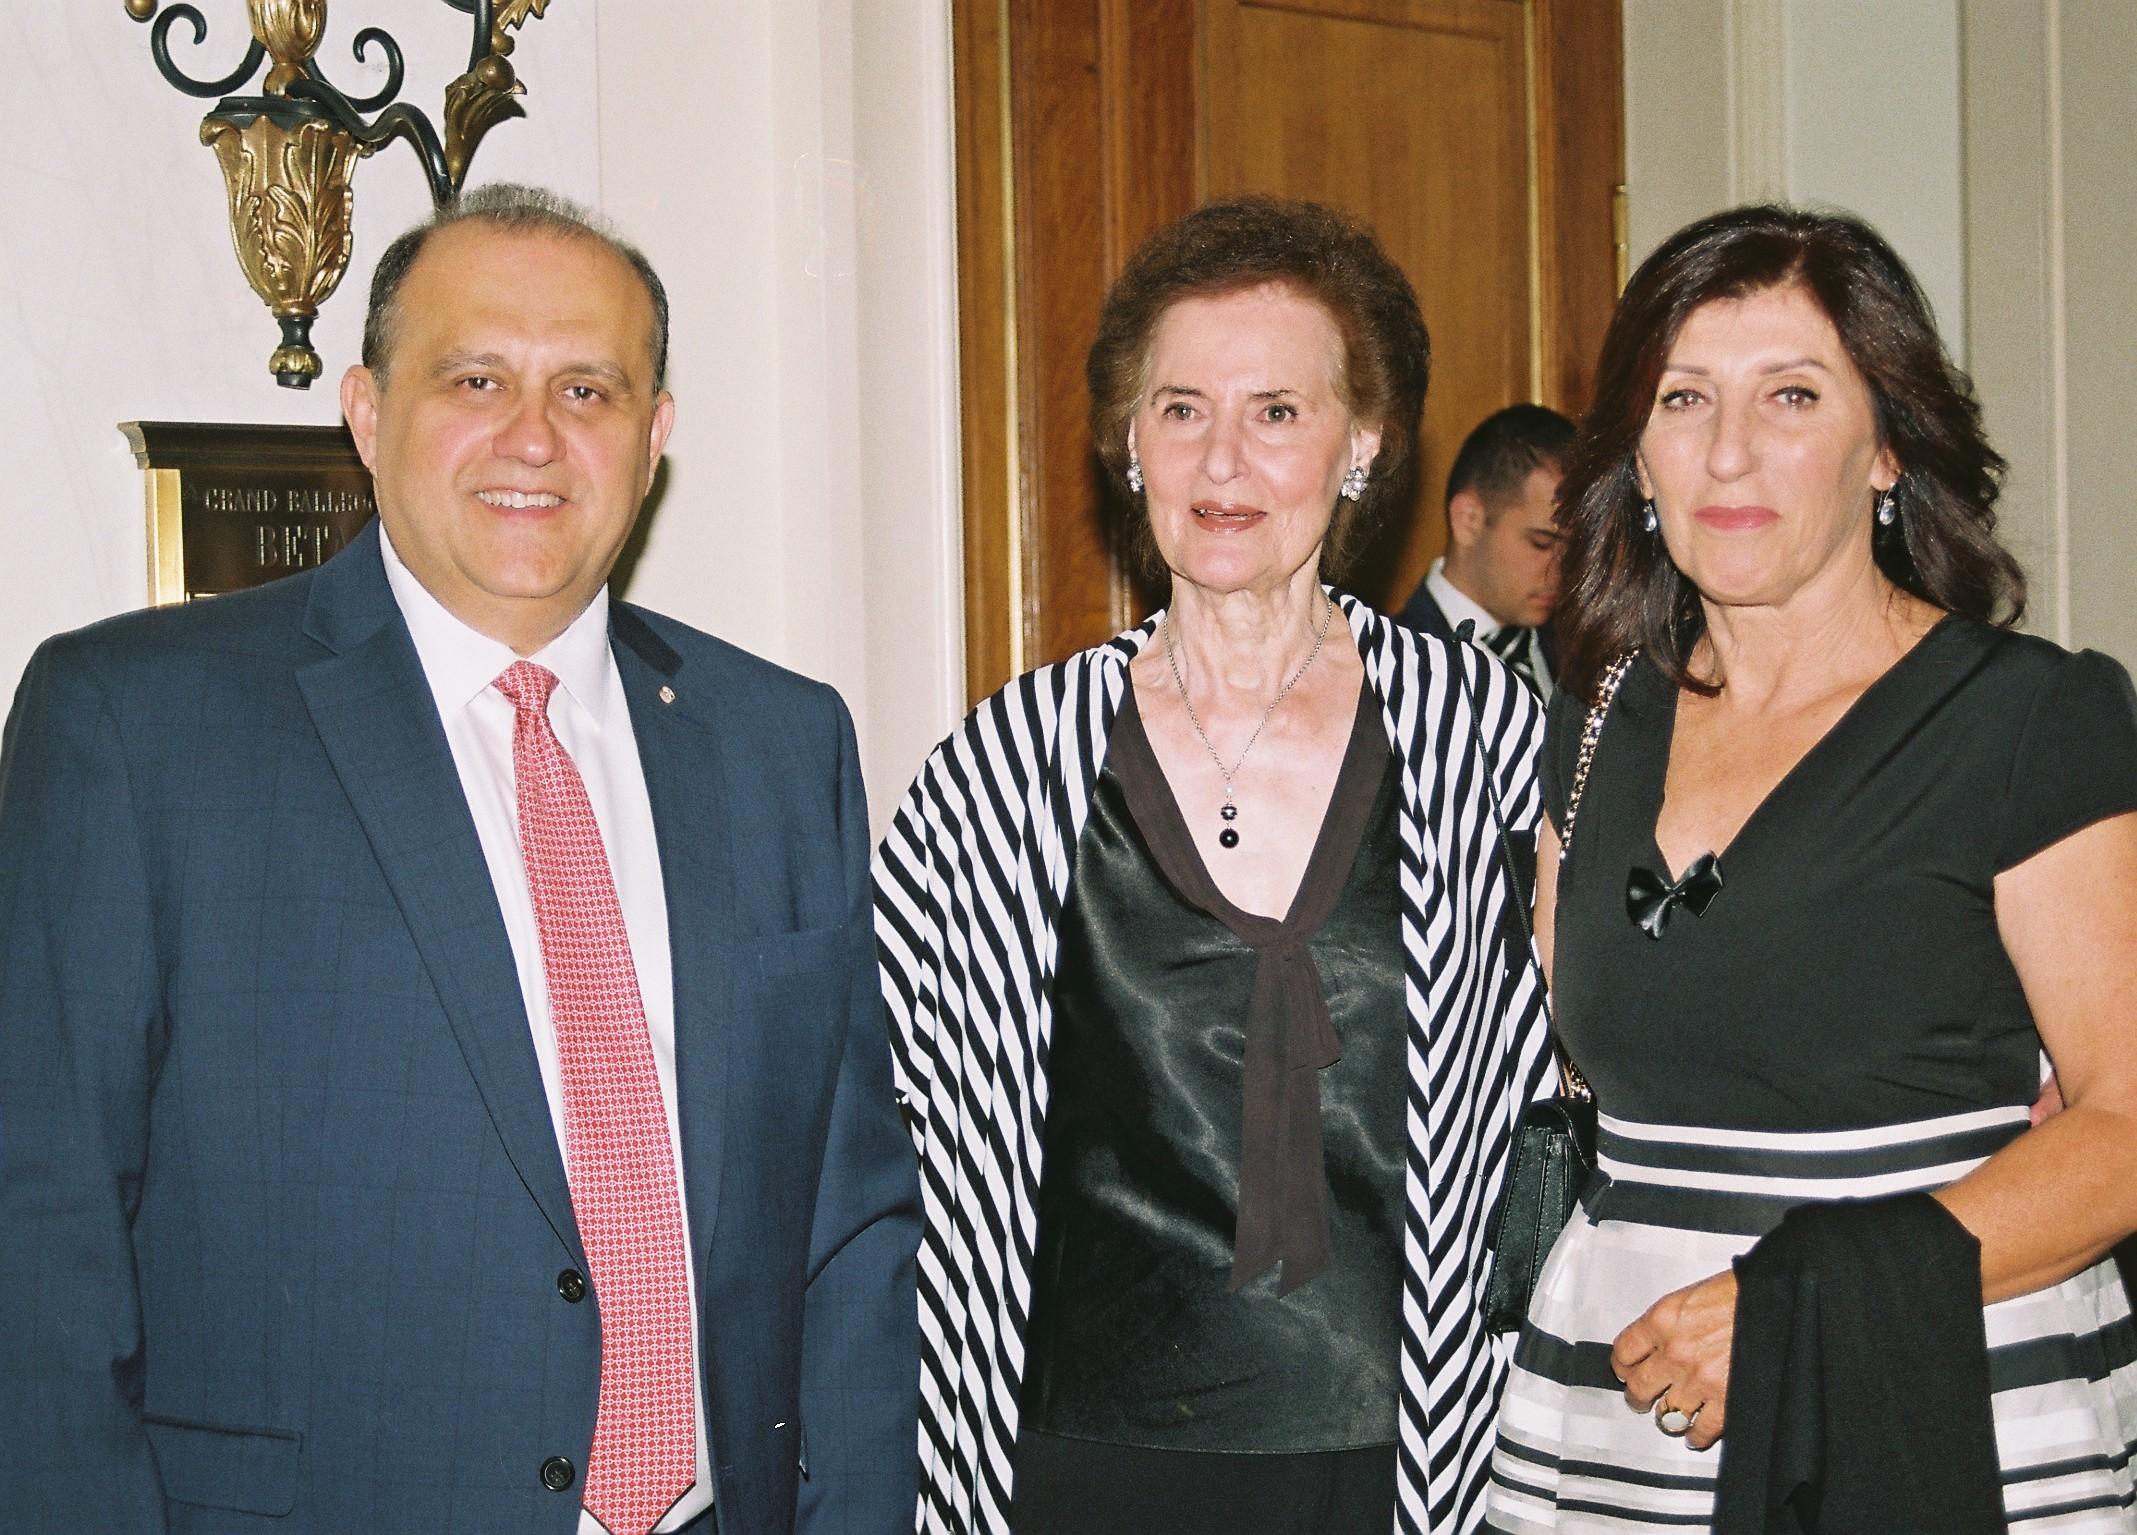 Nick Larigakis, Katerina Papathanassiou, and Mrs. Apostolakis.